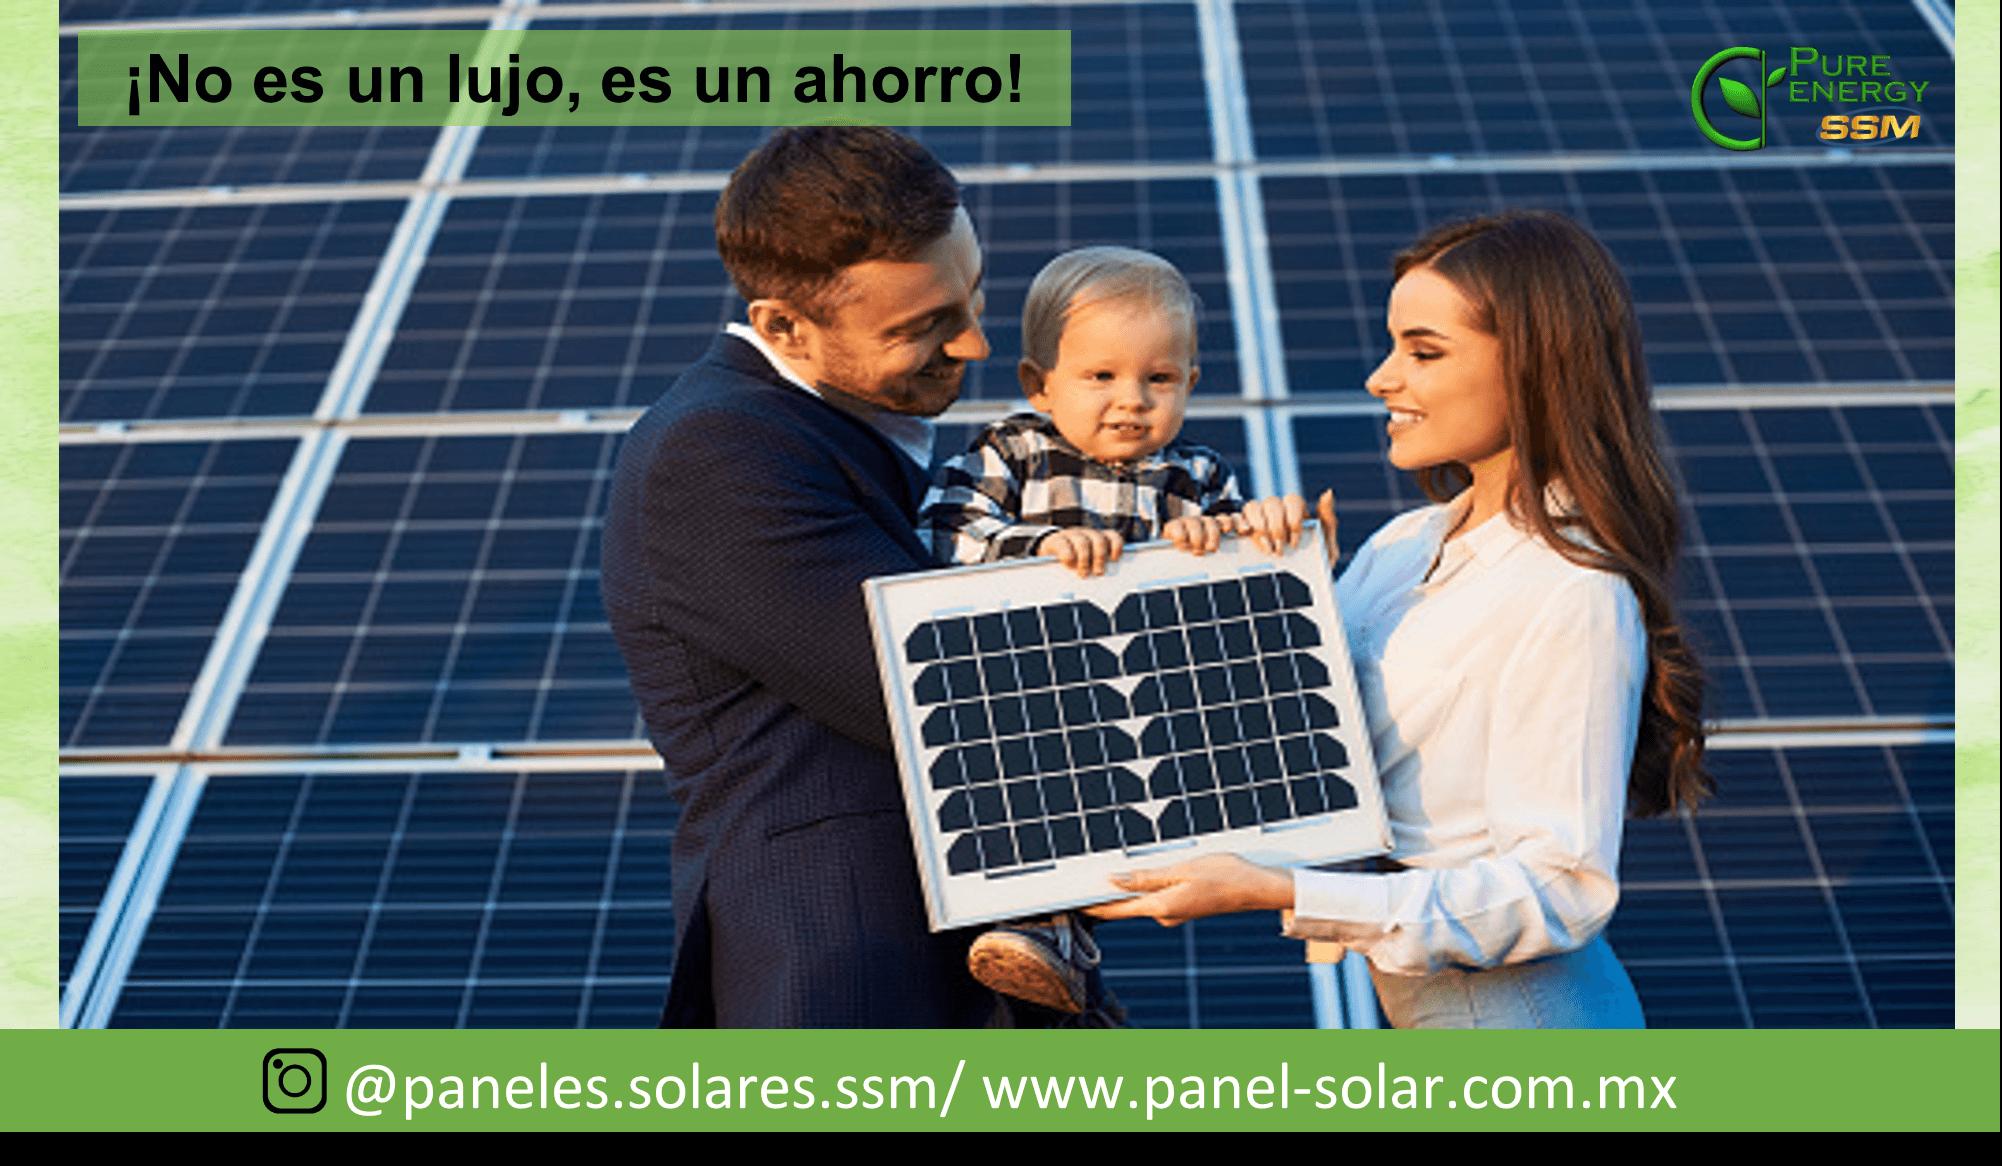 paneles solares publicidad